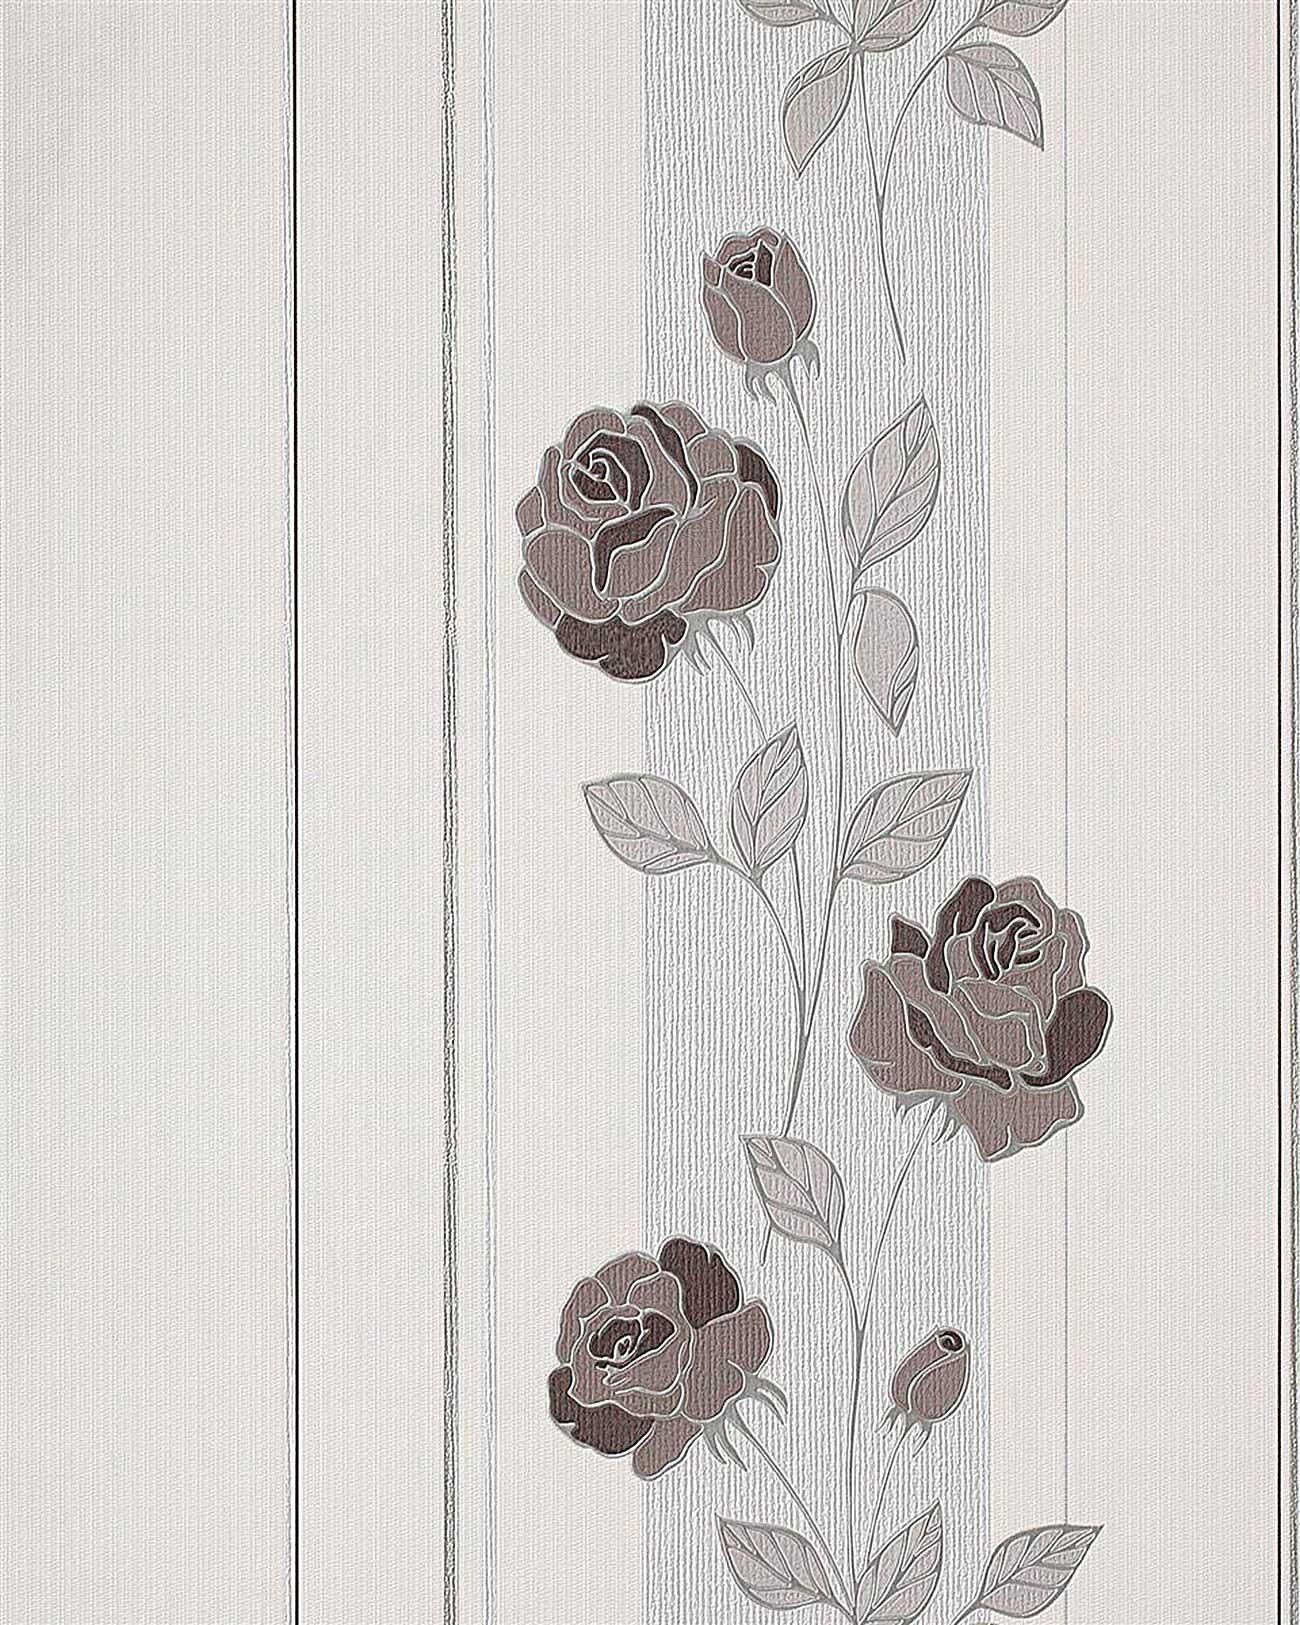 Hervorragend Blumen Tapete Landhaus EDEM 766 30 Deluxe Floral Streifen Blumentapete  Rosen Creme Schoko Braun ...